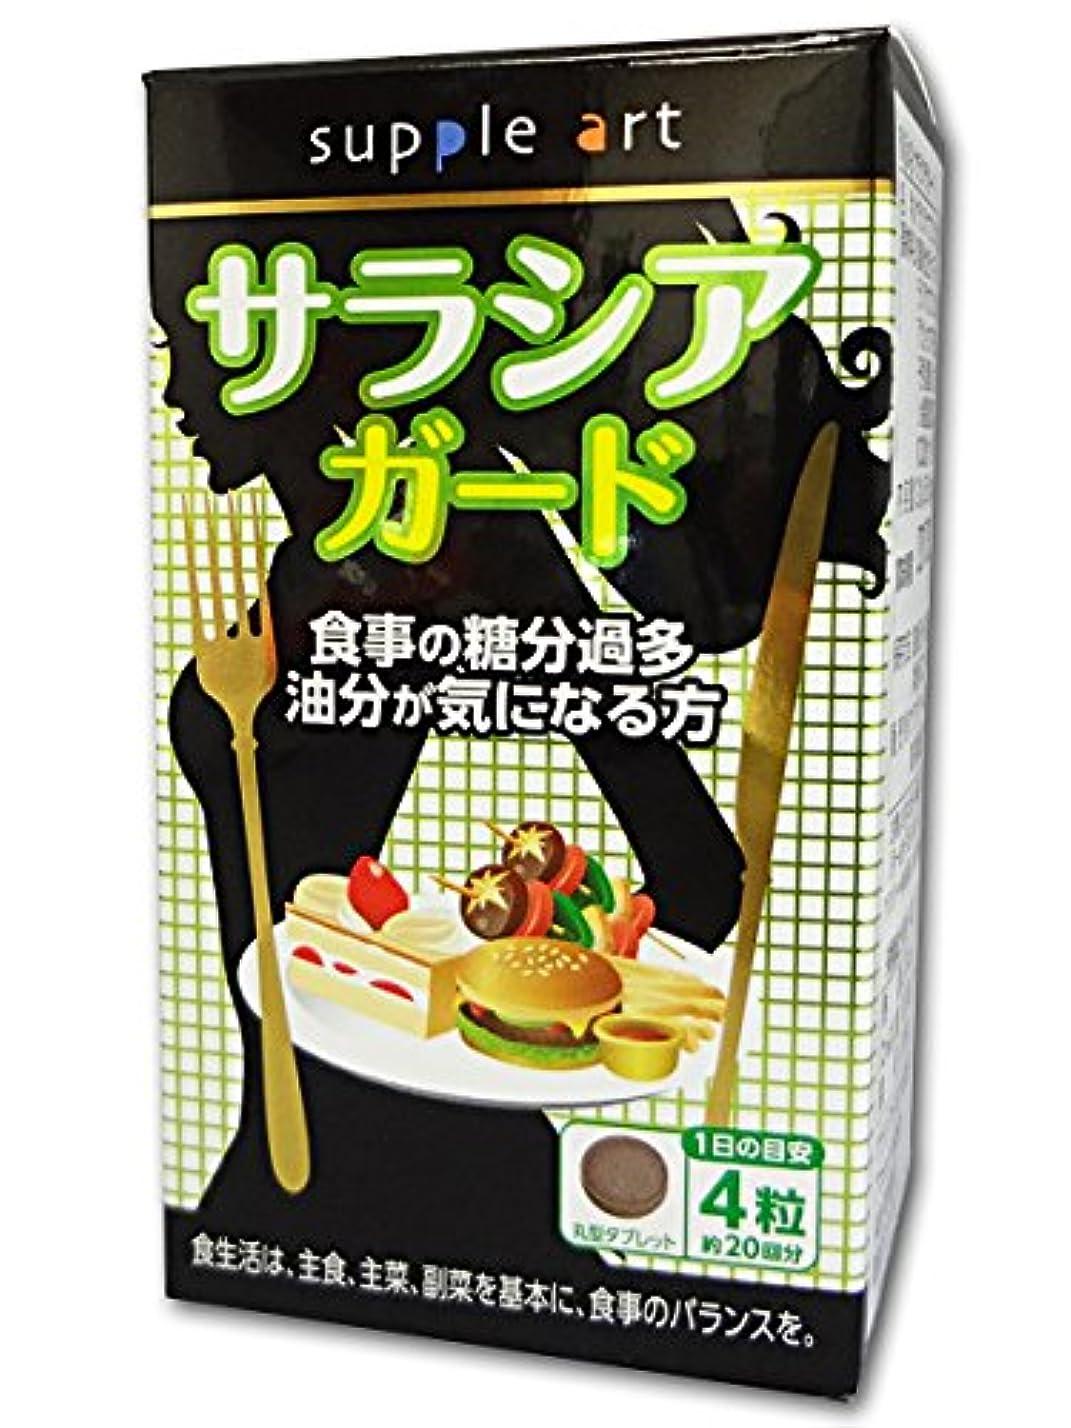 否認する協力的レオナルドダサプリアート サラシアガード 食事の糖分過多油分が気になる方 80粒